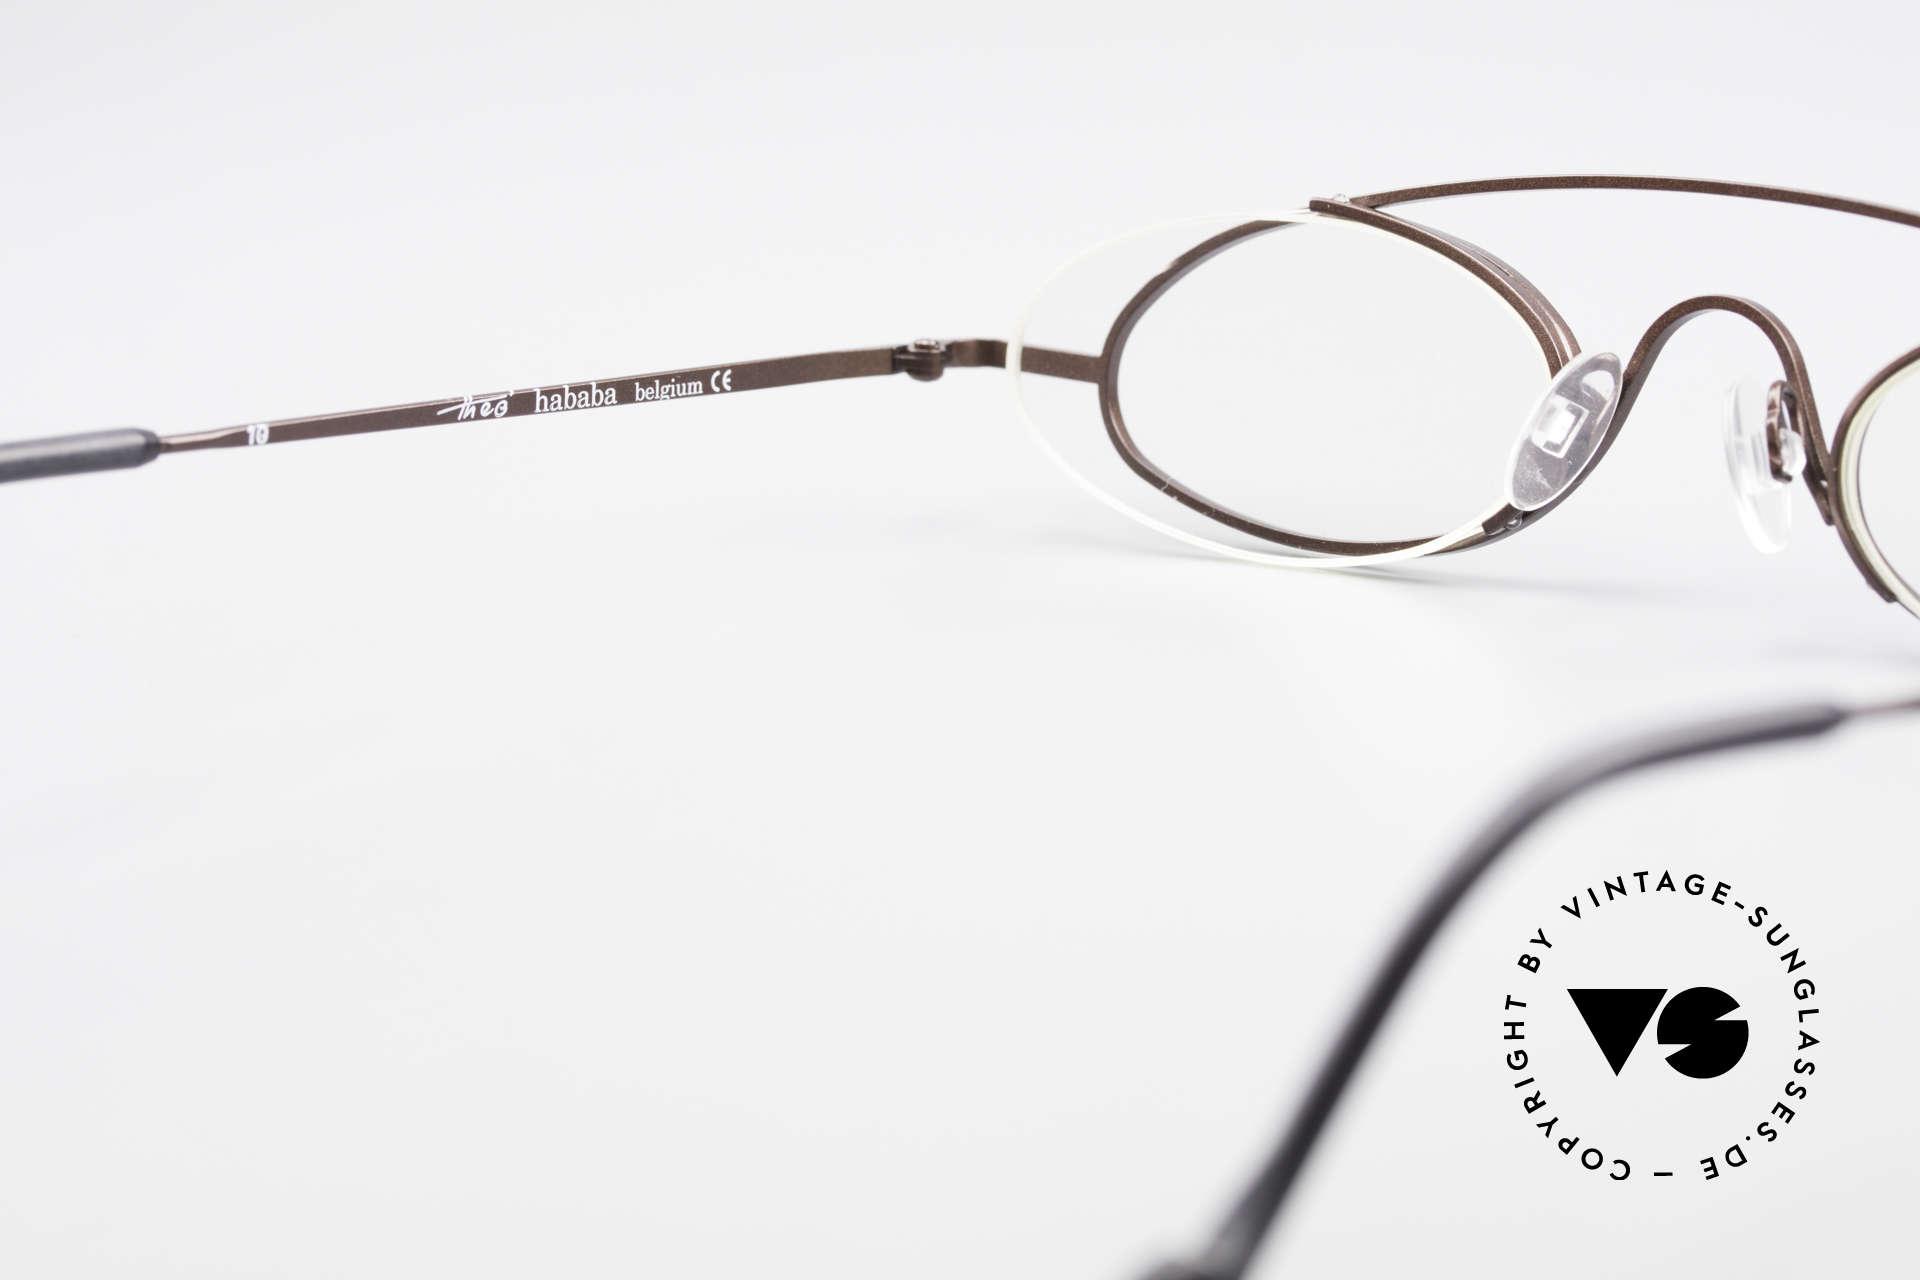 Theo Belgium Hababa Randlose Vollrand Brille Oval, KEINE RETRObrille; ein ca. 20 Jahre altes ORIGINAL, Passend für Herren und Damen